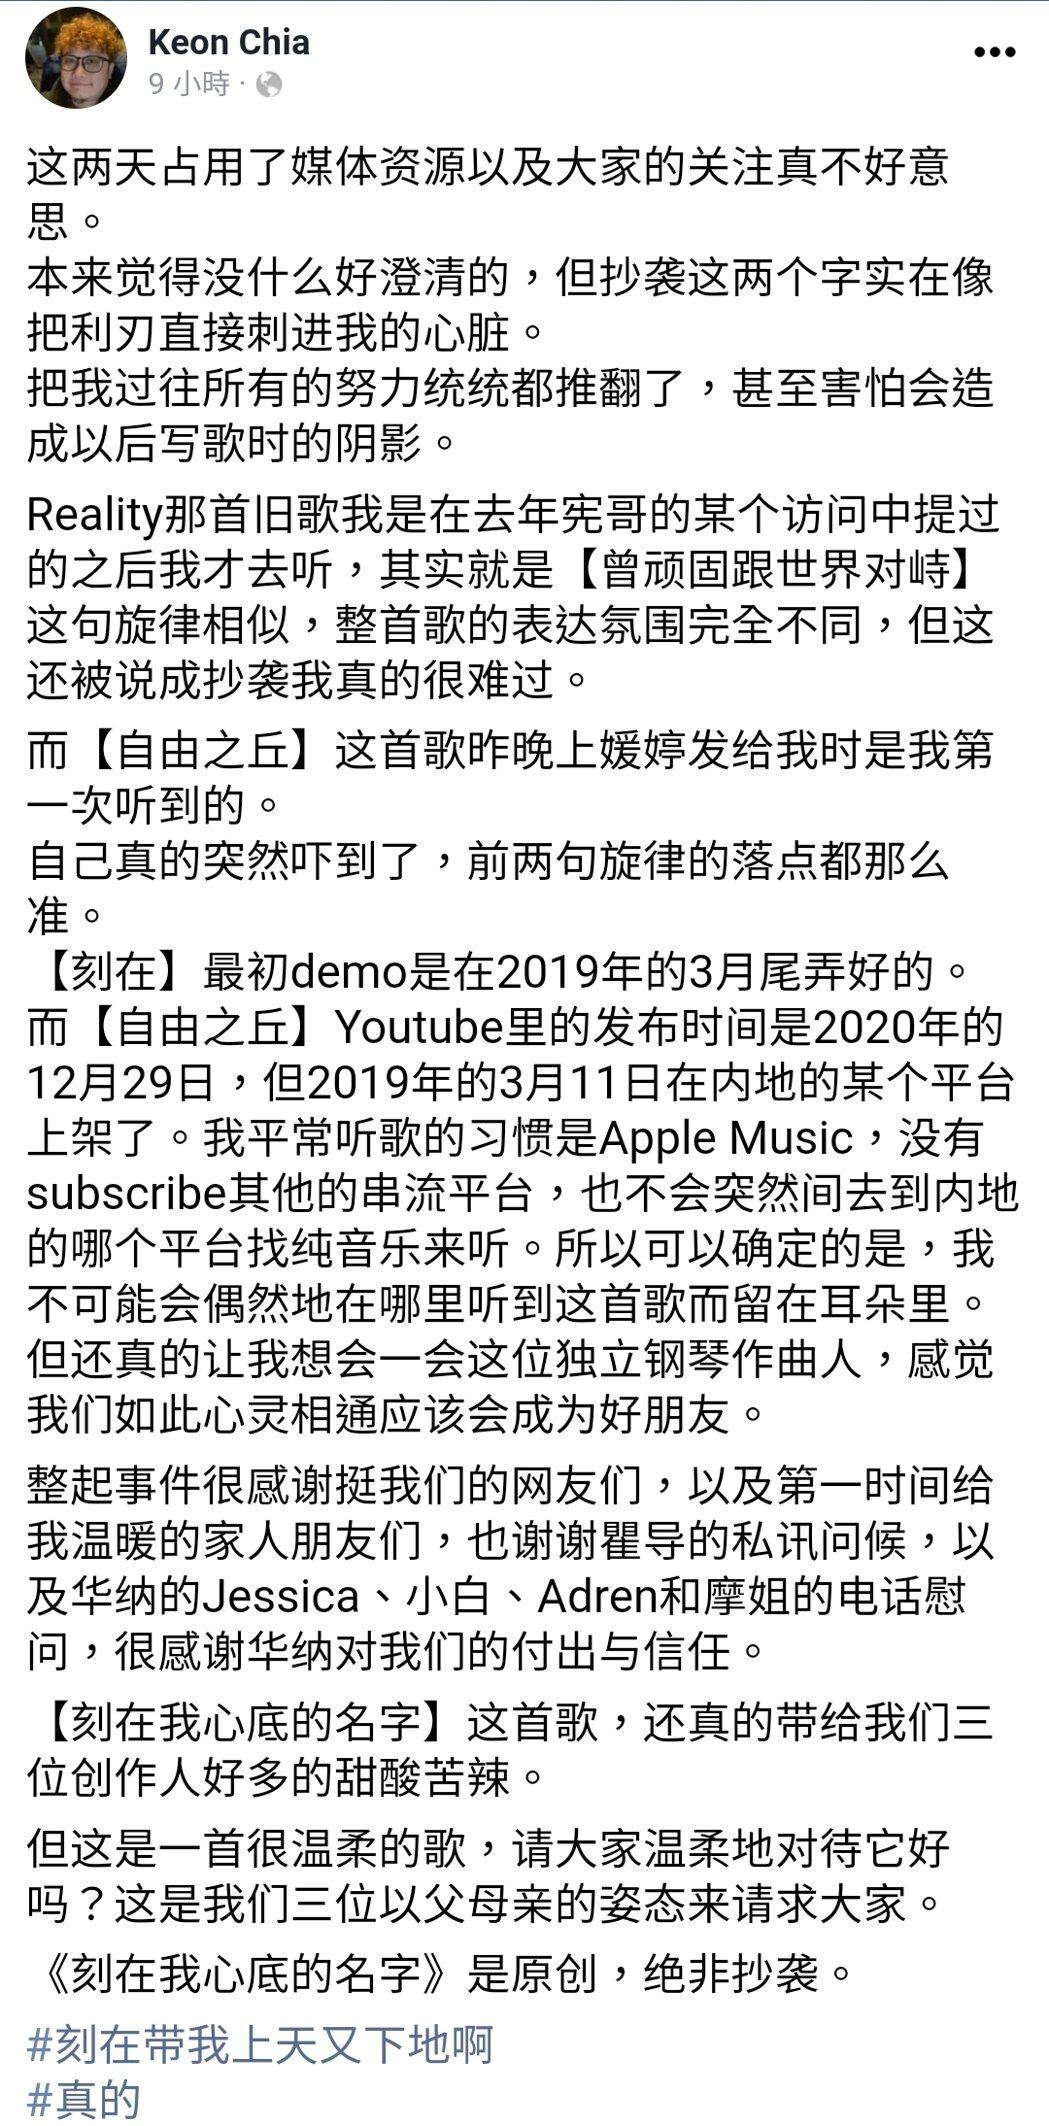 「刻在我心底的名字」創作者謝佳旺發文澄清絕非抄襲。 圖/擷自臉書